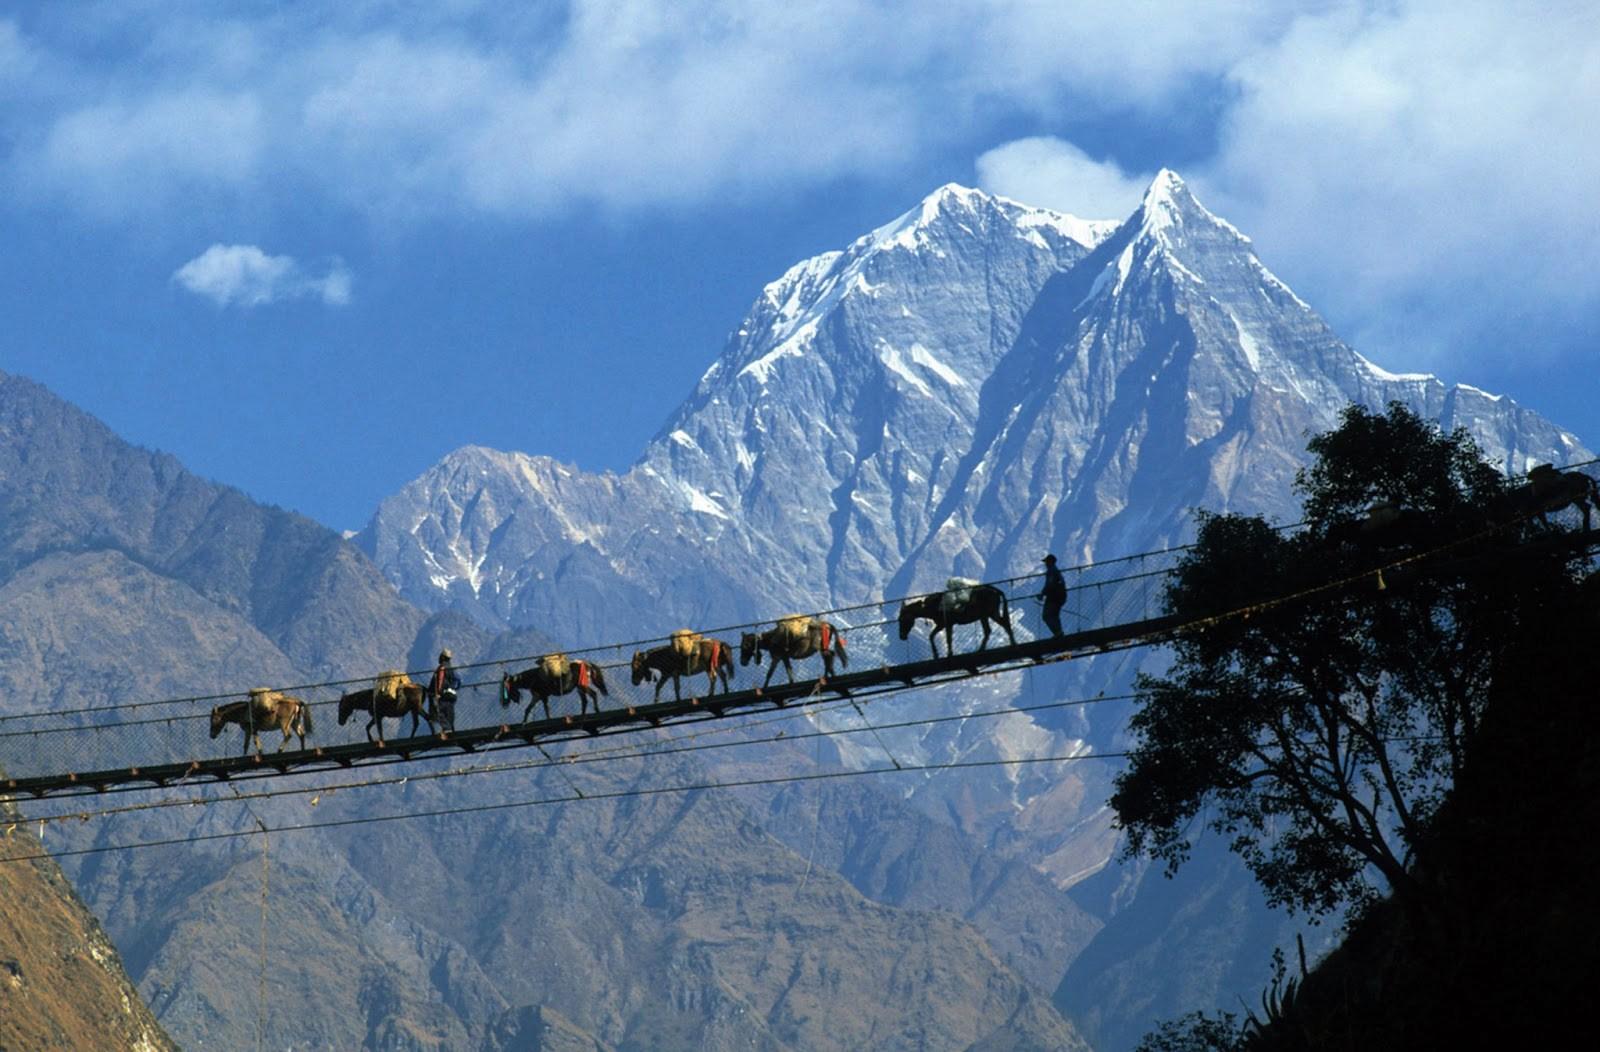 उत्कृष्ट १० देशको सूचीमा नेपाल पहिलो